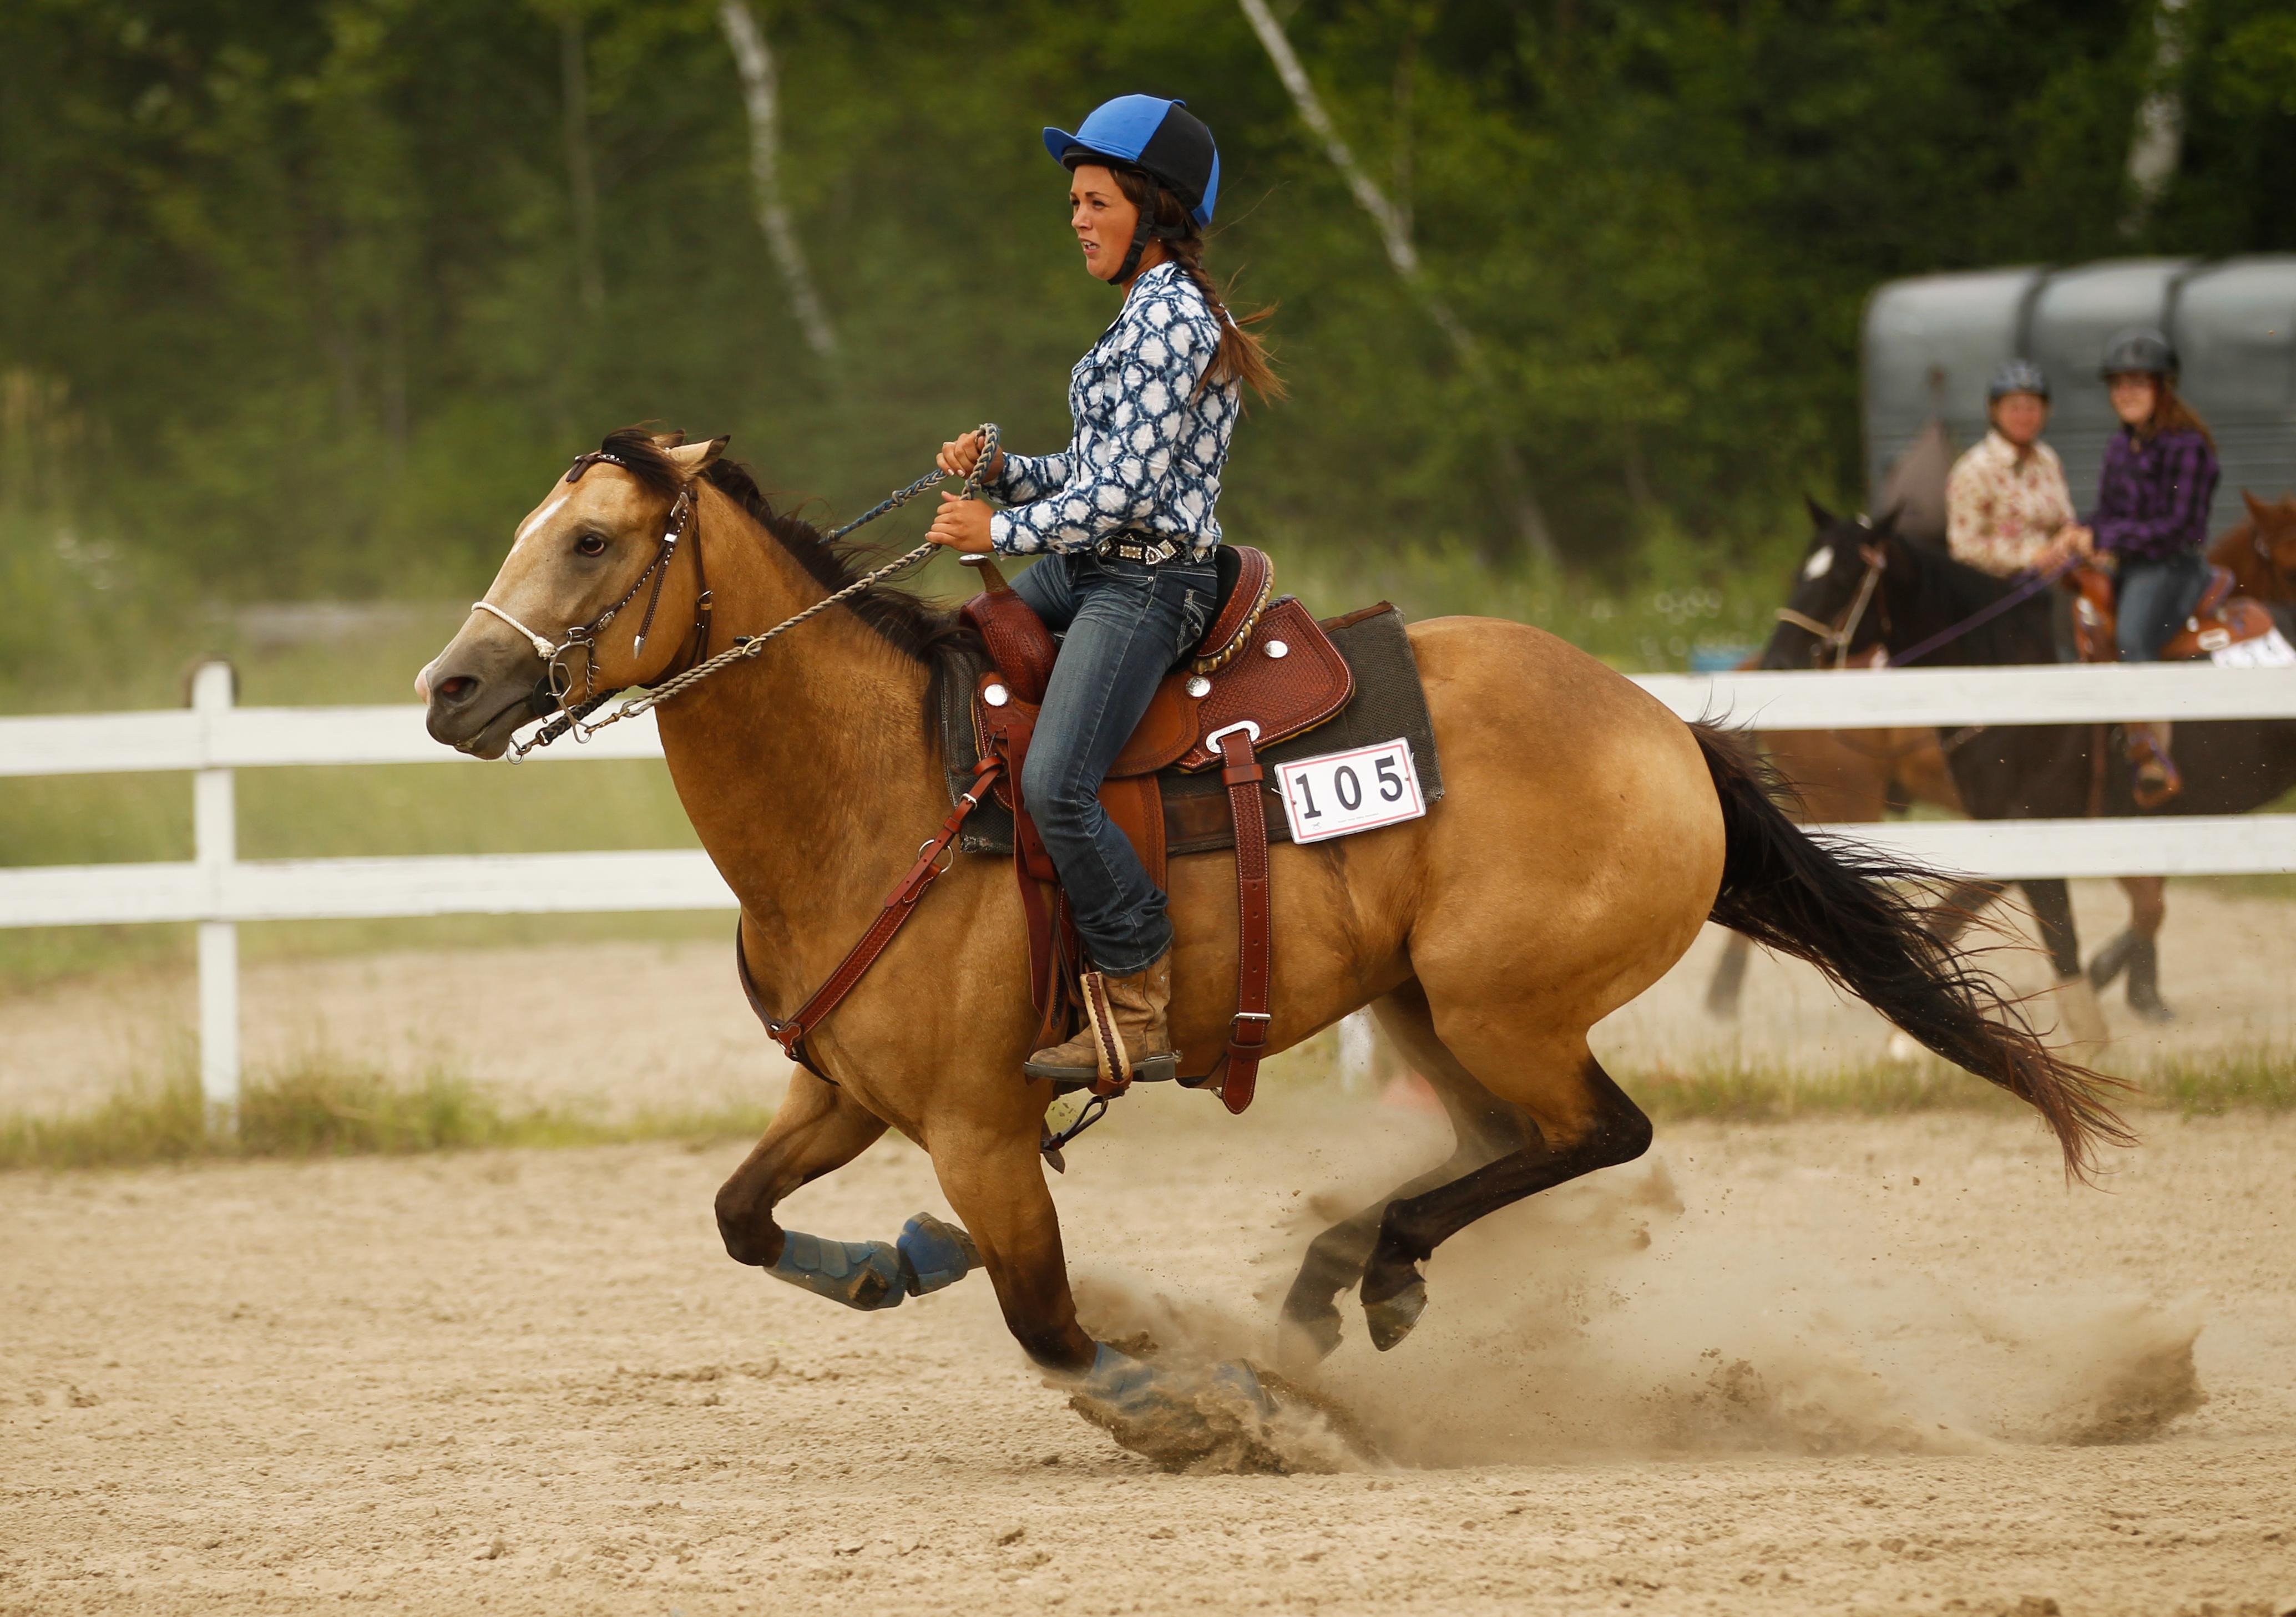 Самые быстрые породы лошадей в мире: английские чистокровные скакуны, кони-рекордсмены